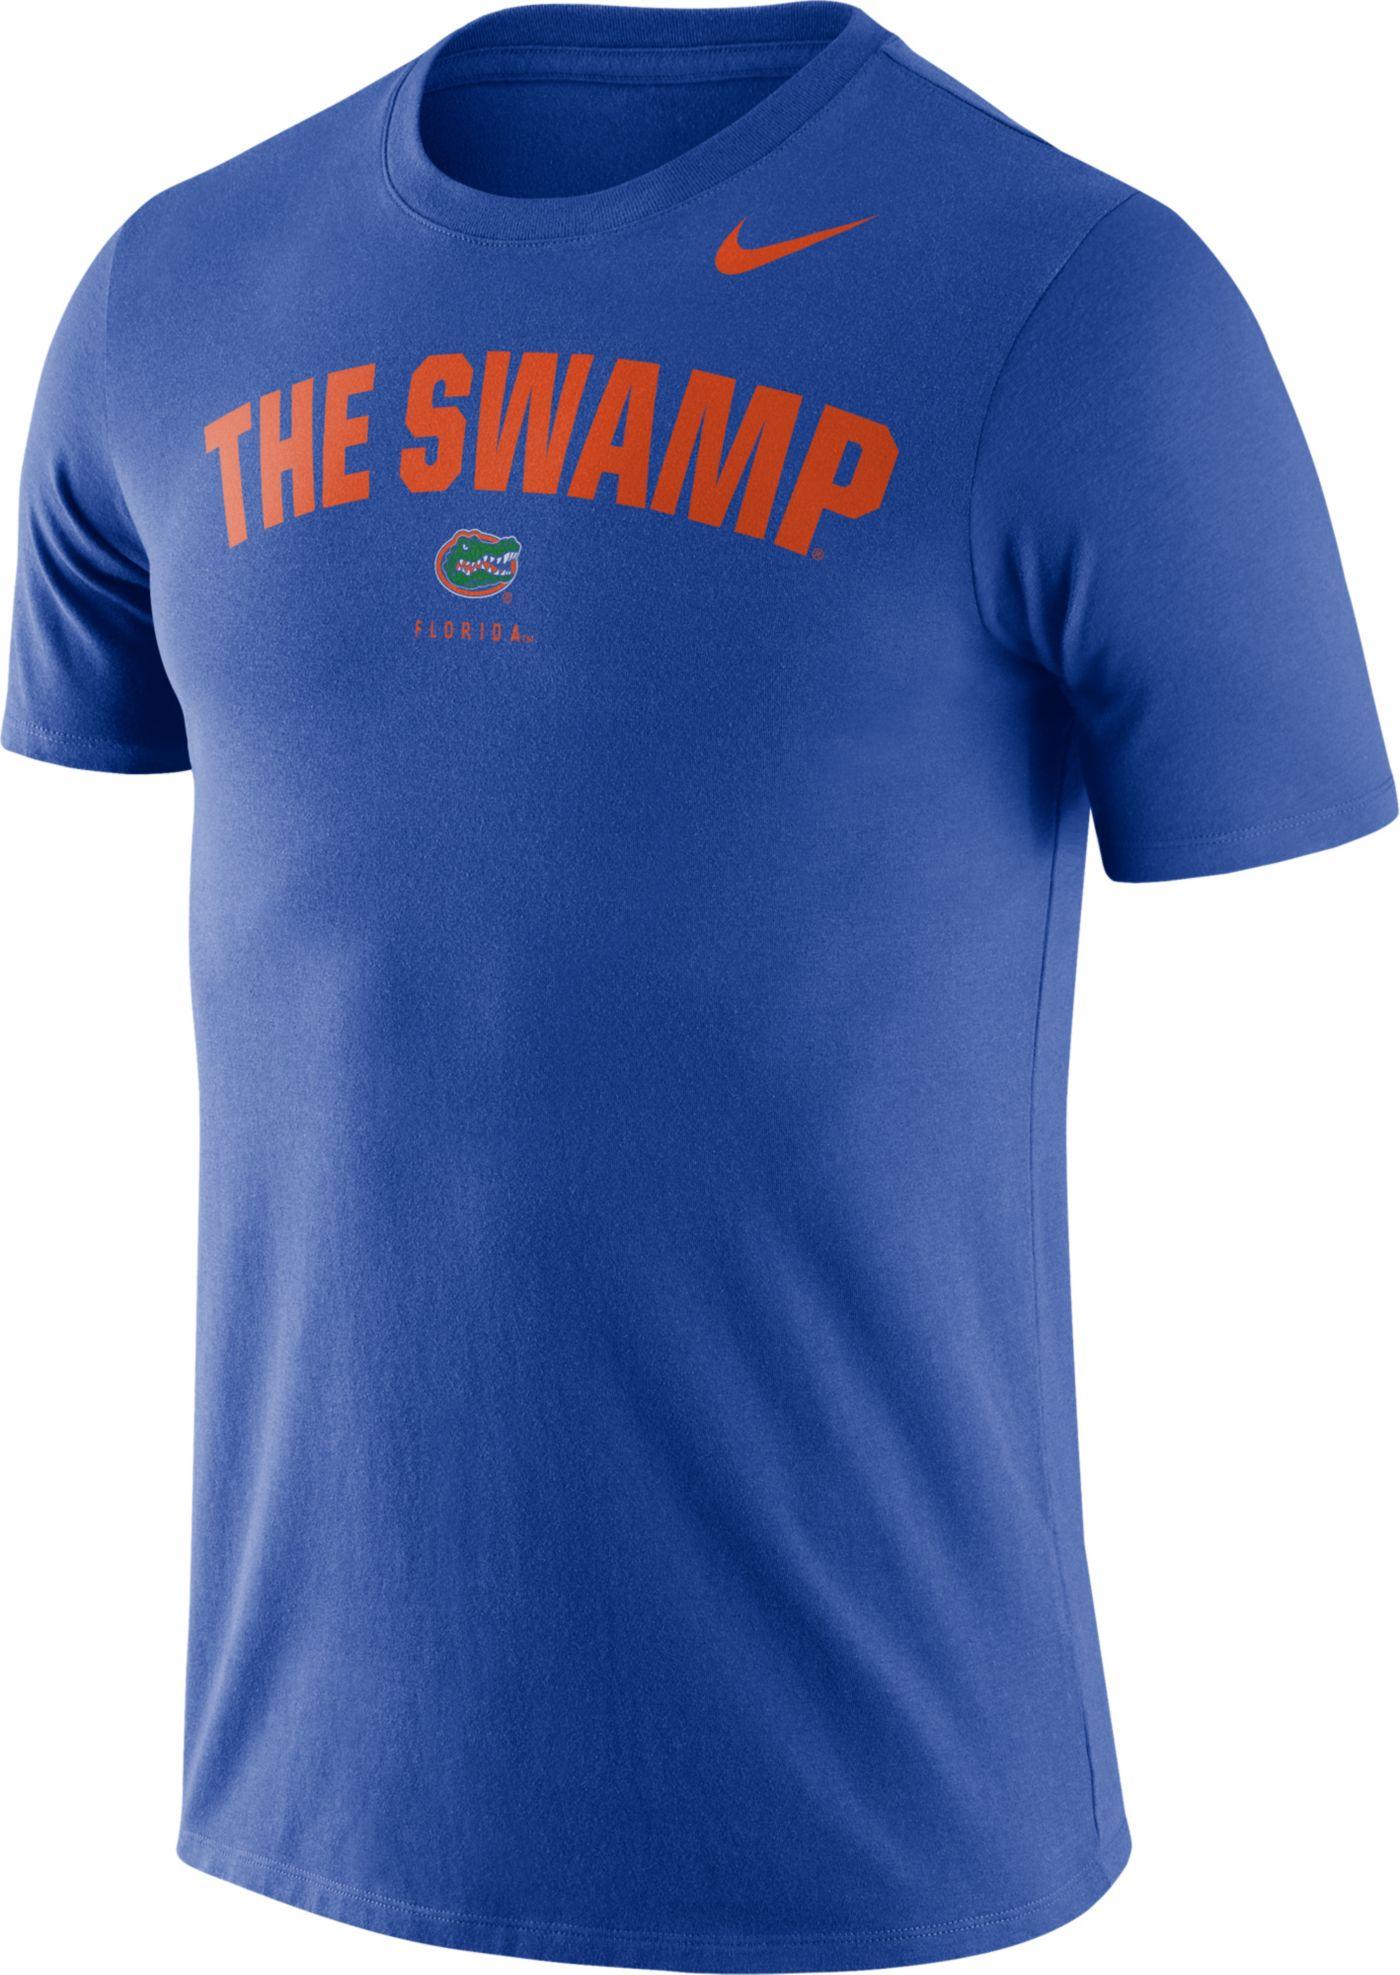 Nike Men's Florida Gators Blue Dri-FIT Phrase T-Shirt